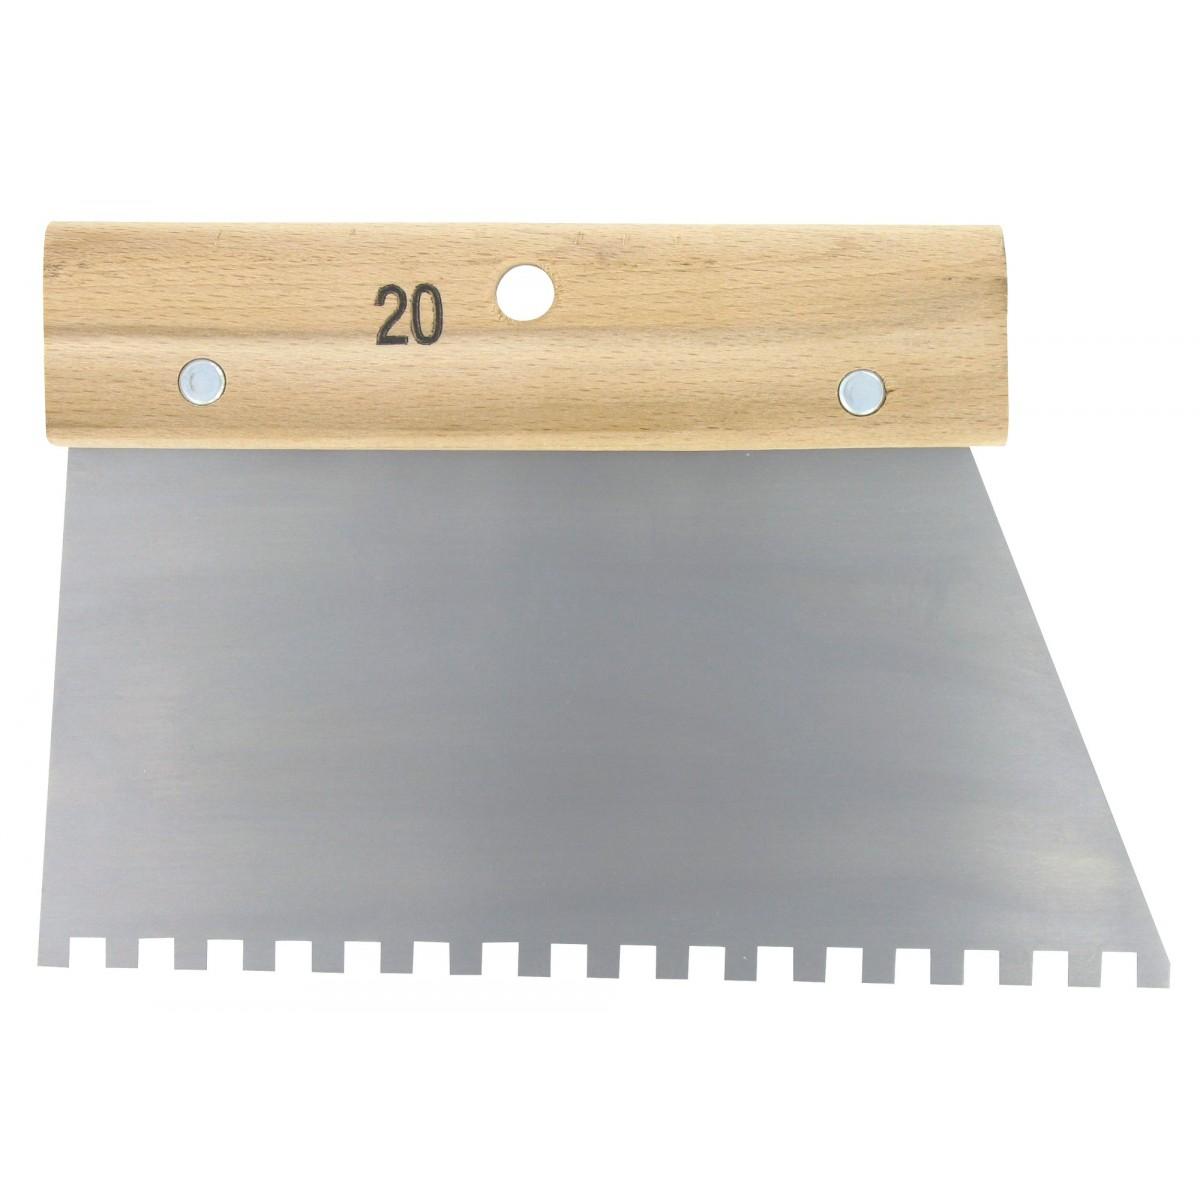 couteau colle outibat denture carr e pour ciment colle 6 x 6 mm dimensions 200 mm. Black Bedroom Furniture Sets. Home Design Ideas